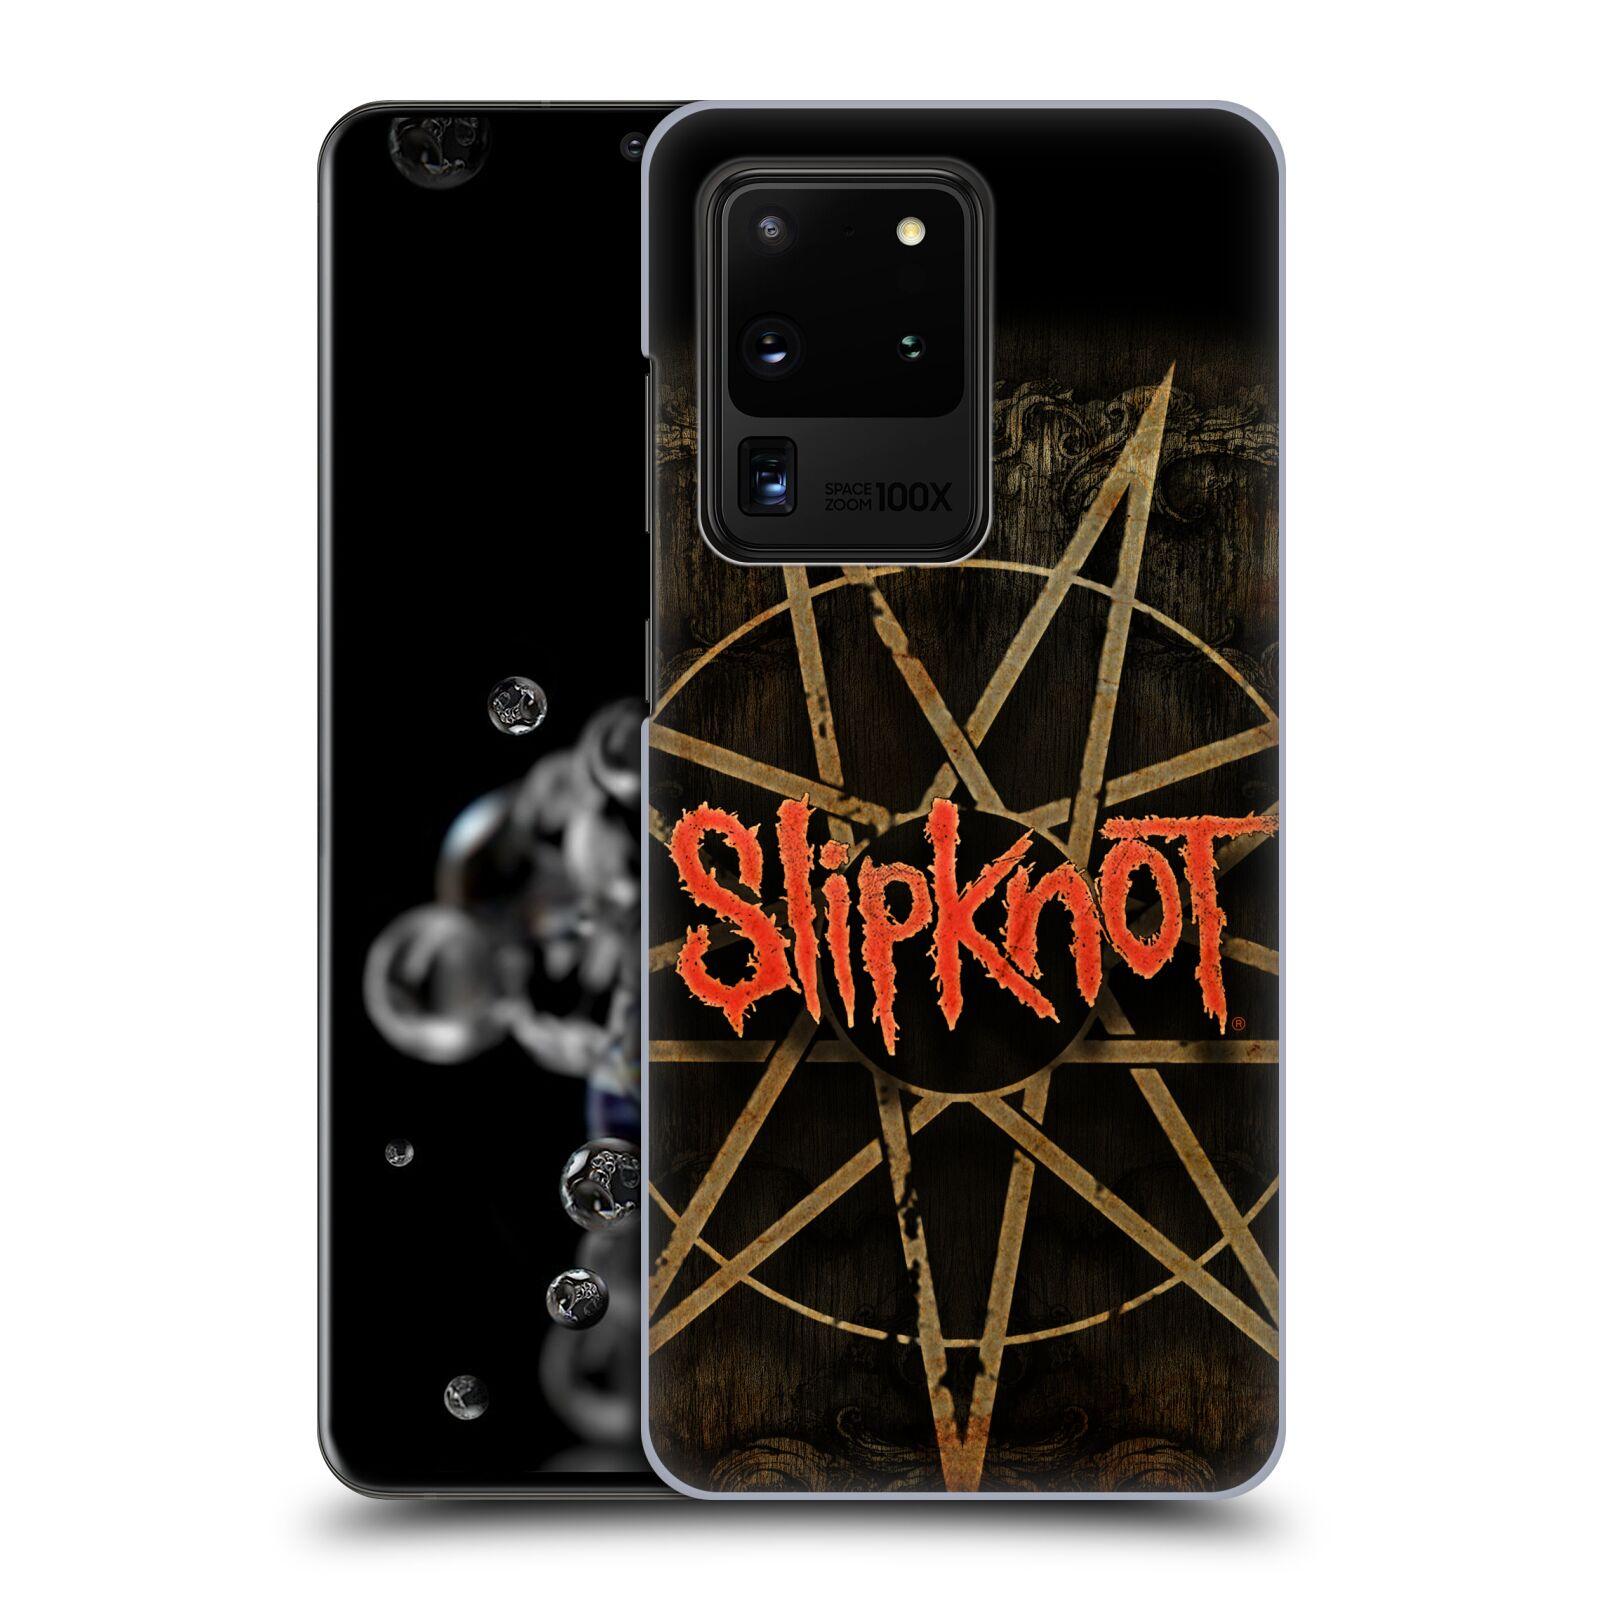 Plastové pouzdro na mobil Samsung Galaxy S20 Ultra - Head Case - Slipknot - Znak